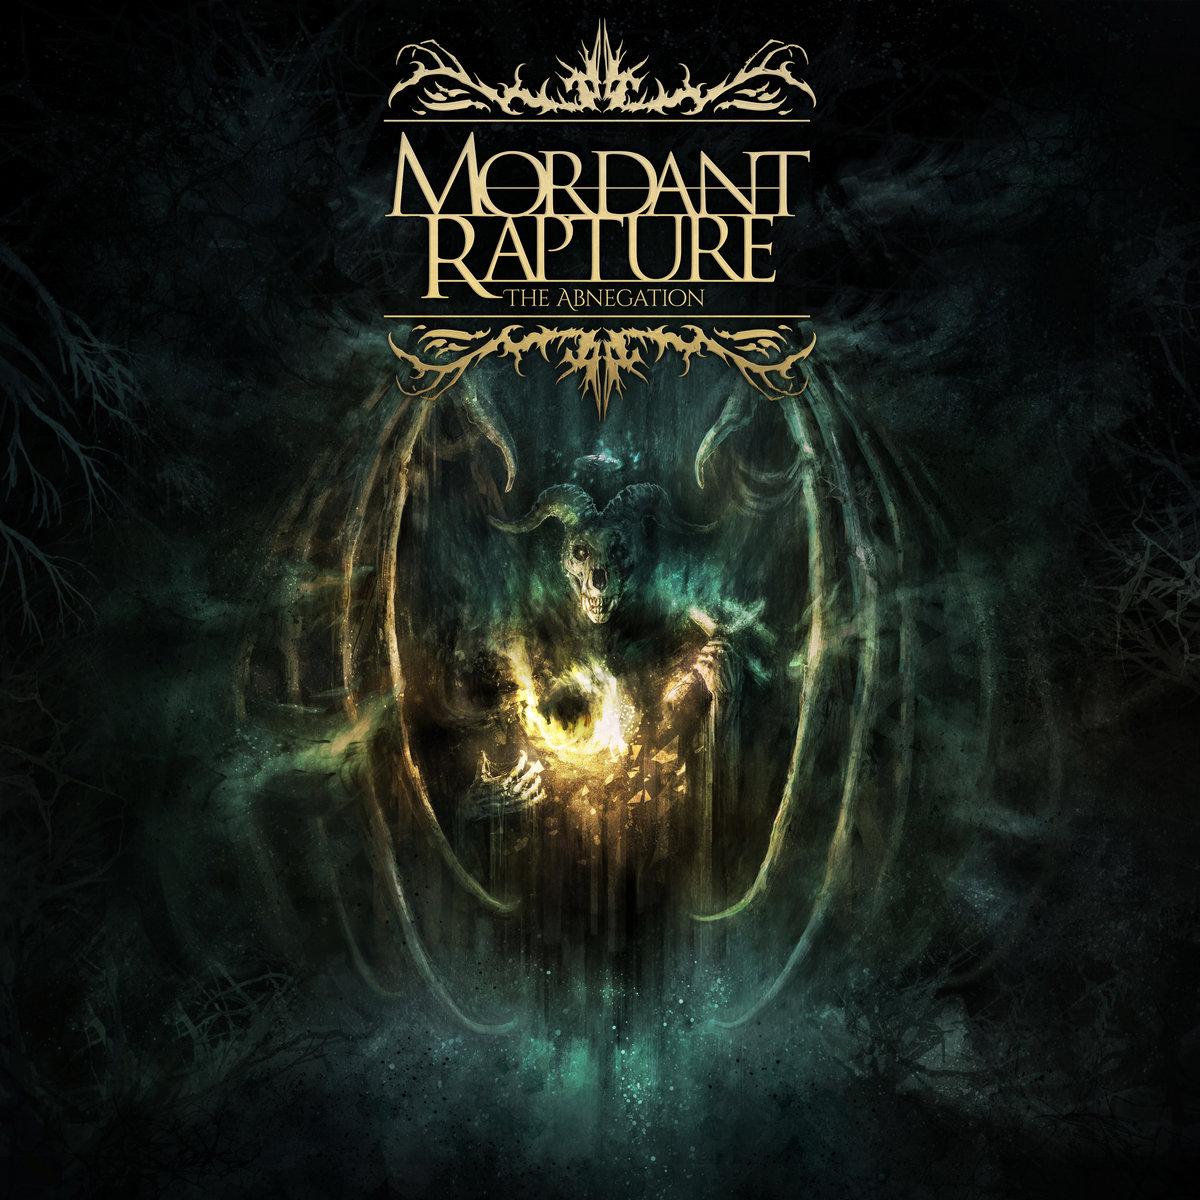 """Mordant Rapture – """"The Abnegation"""""""